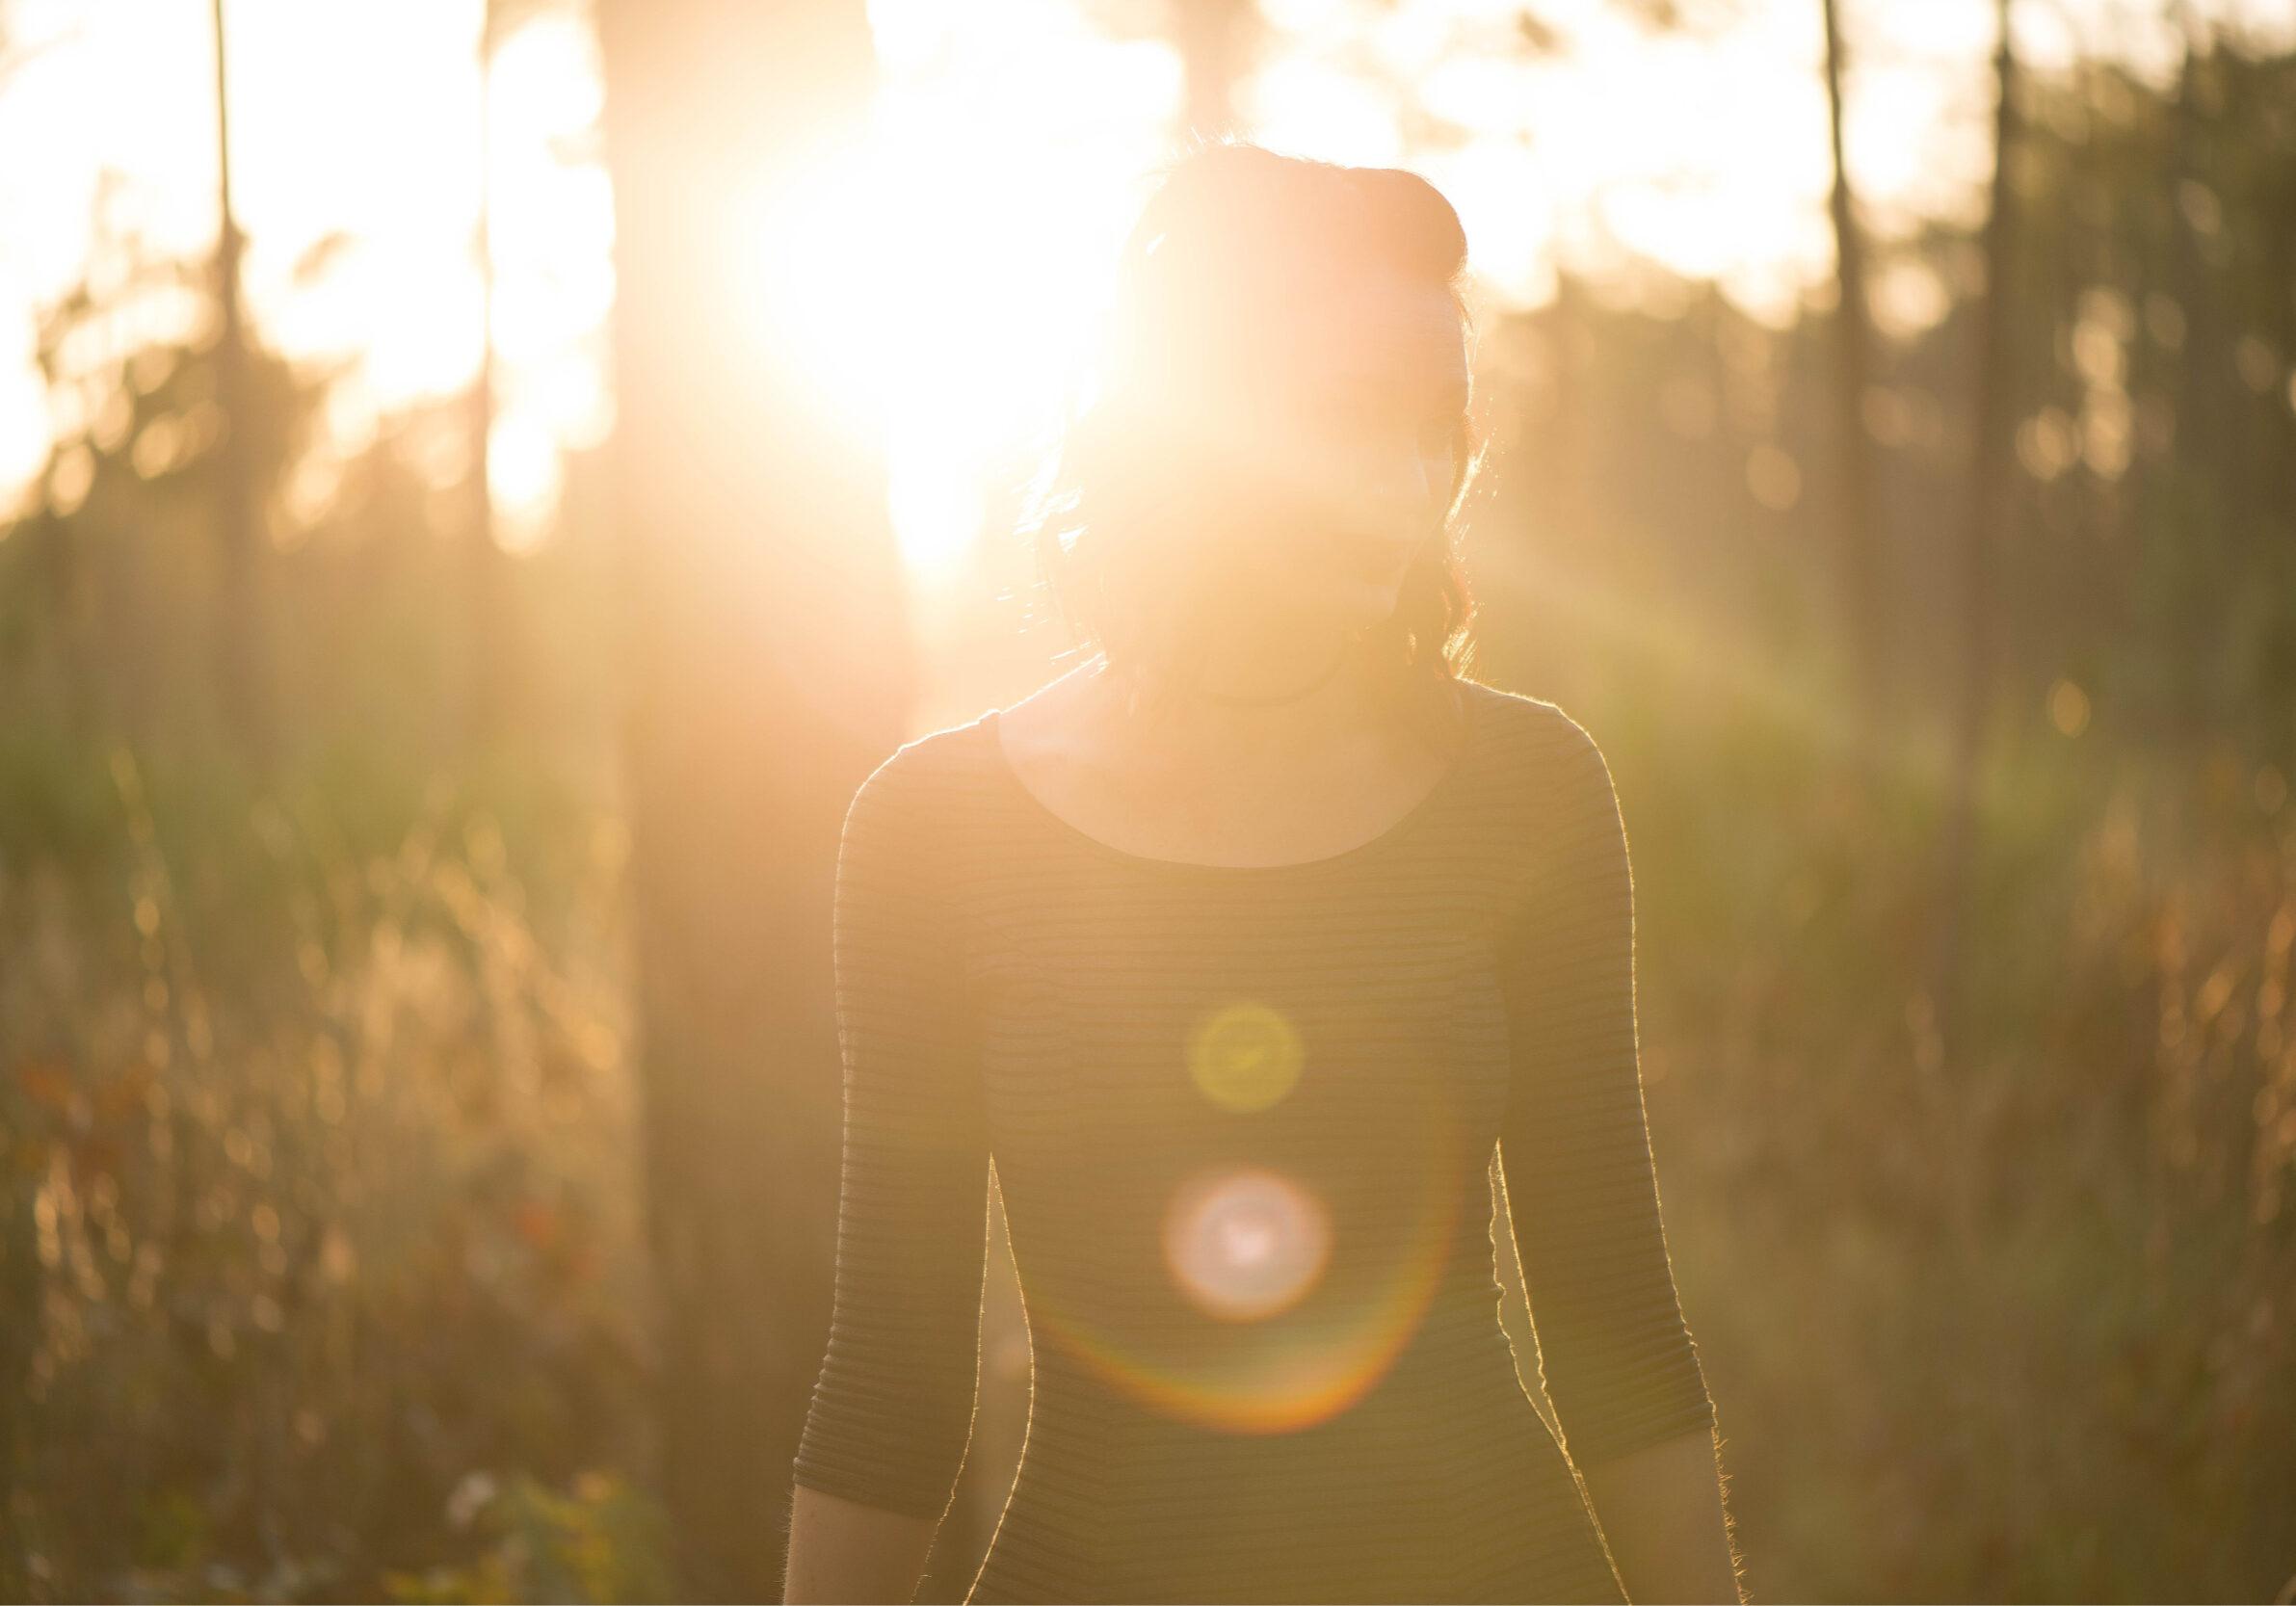 Meisje in het bos tijdens zonsopgang